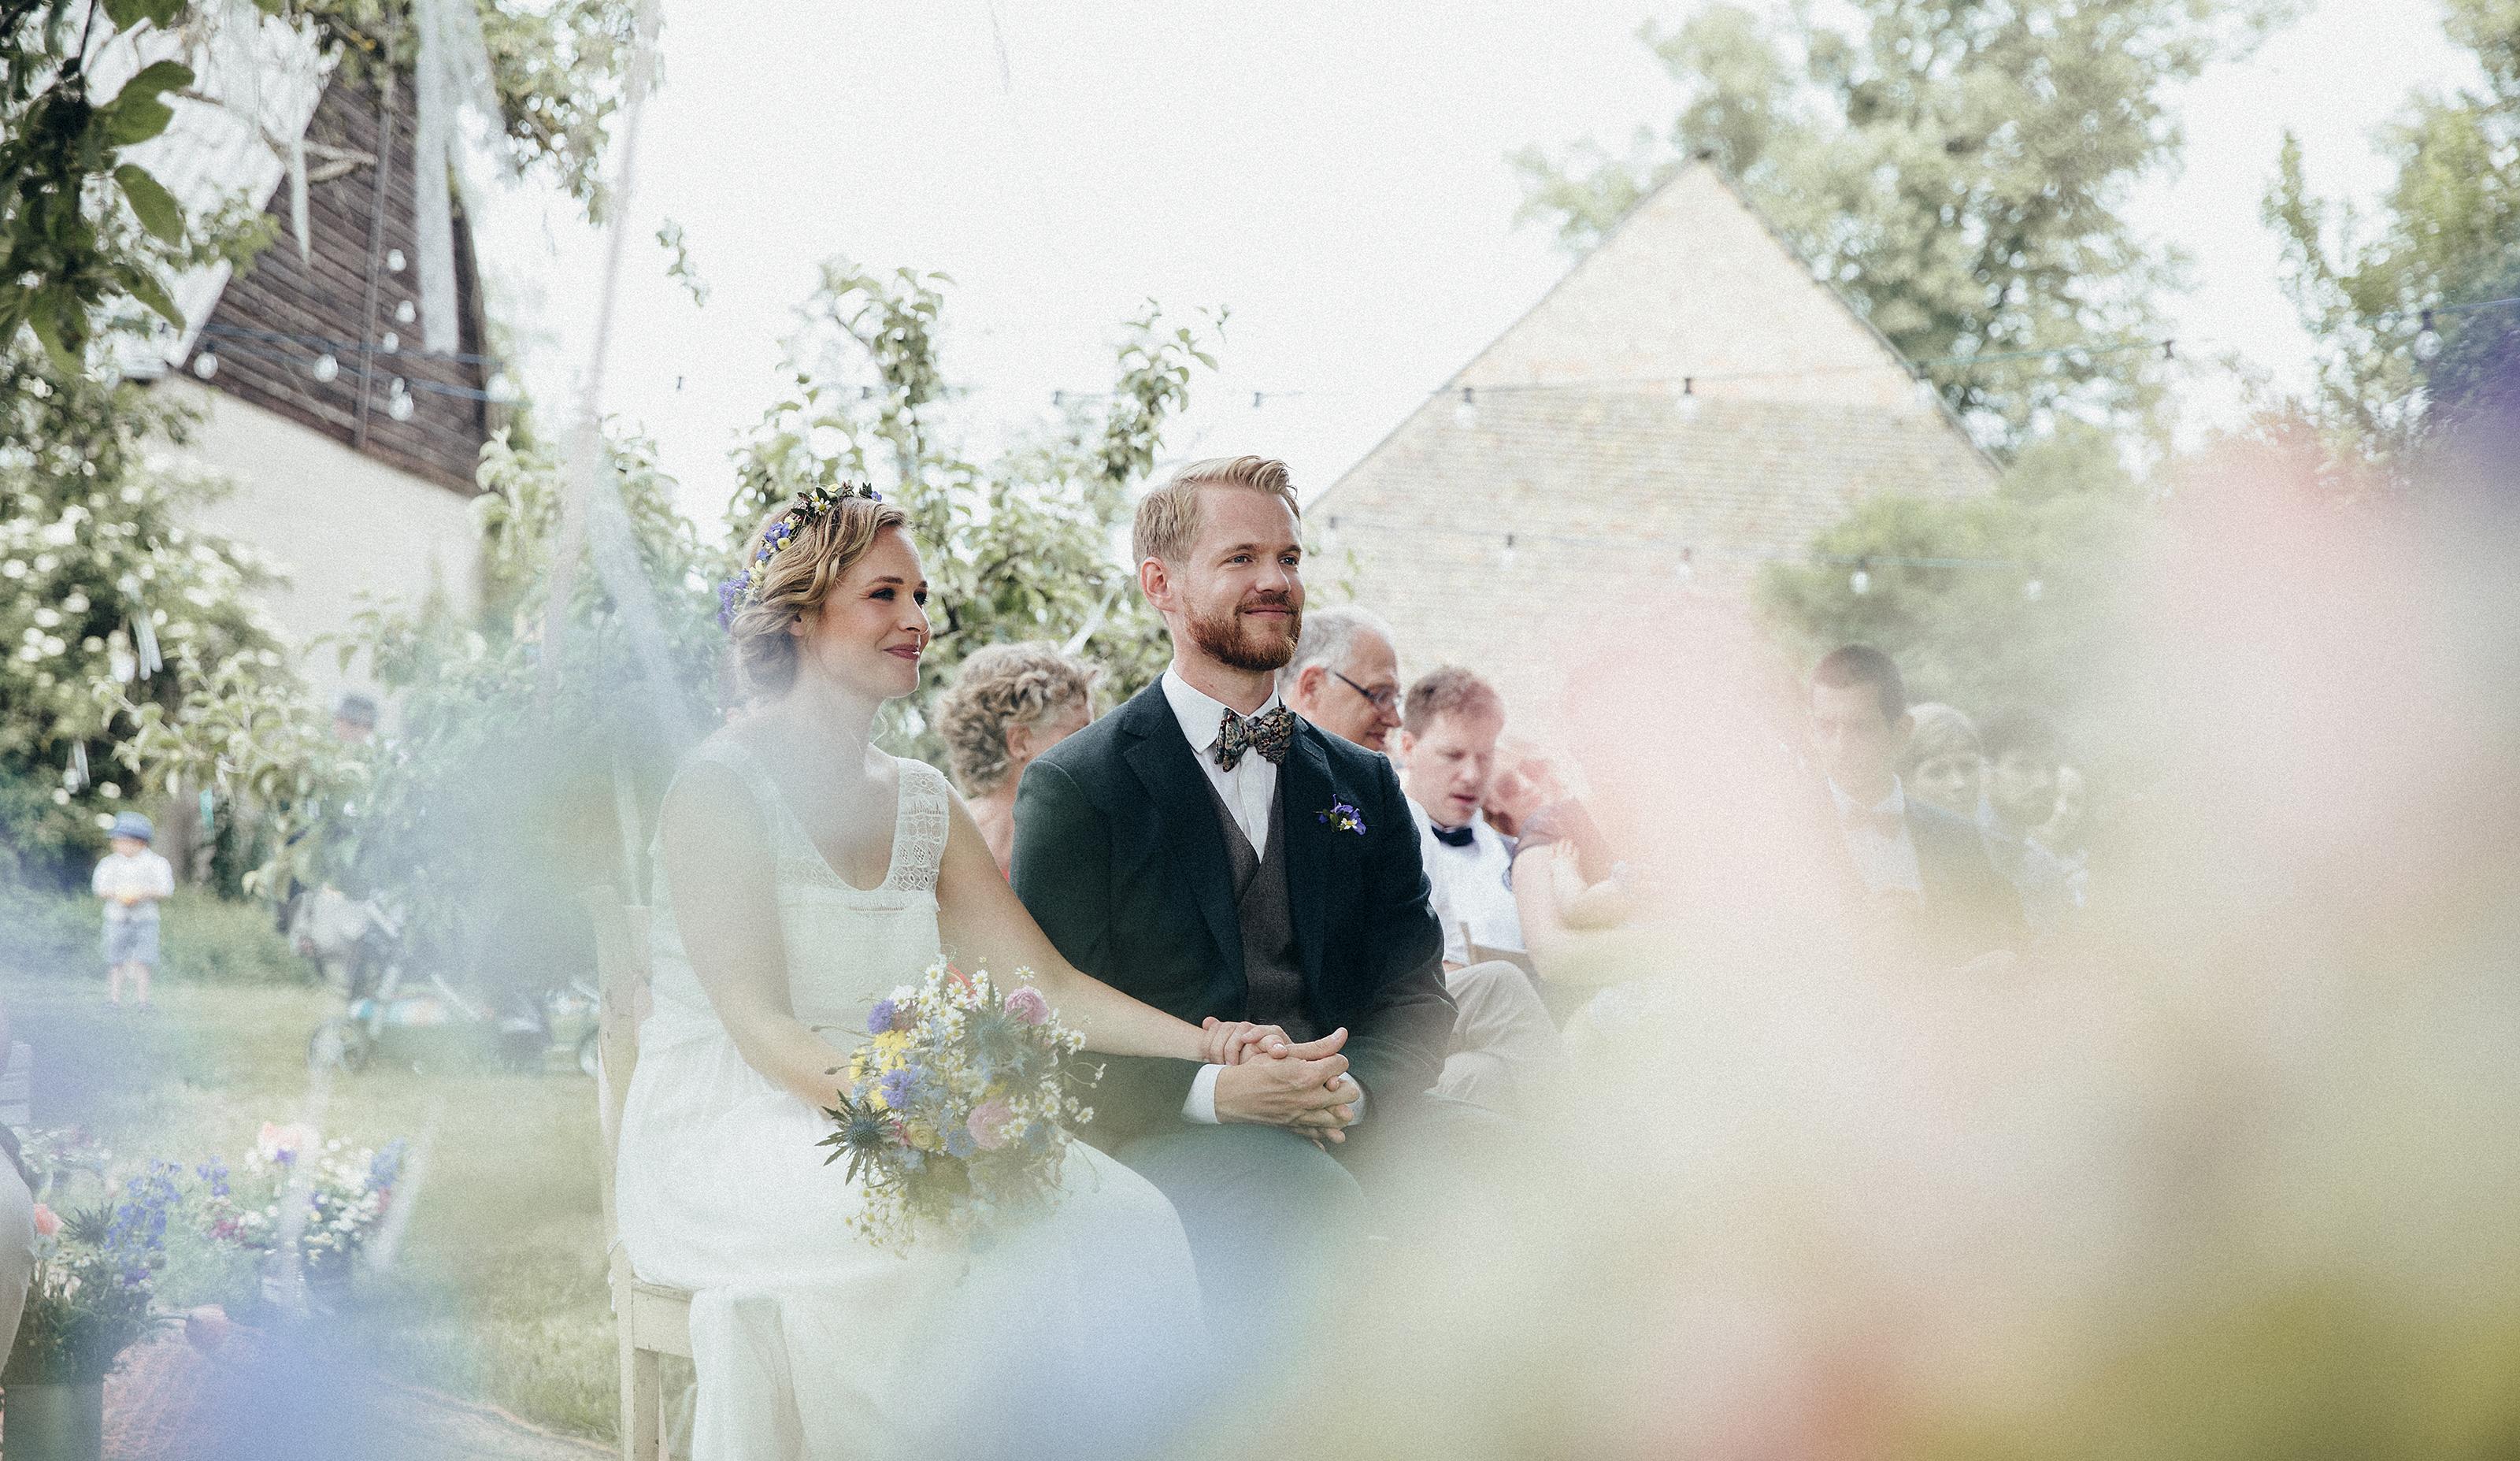 Marlene & Benni Trauung Hochzeitsfotos Schmetterlingsgarten , 2018